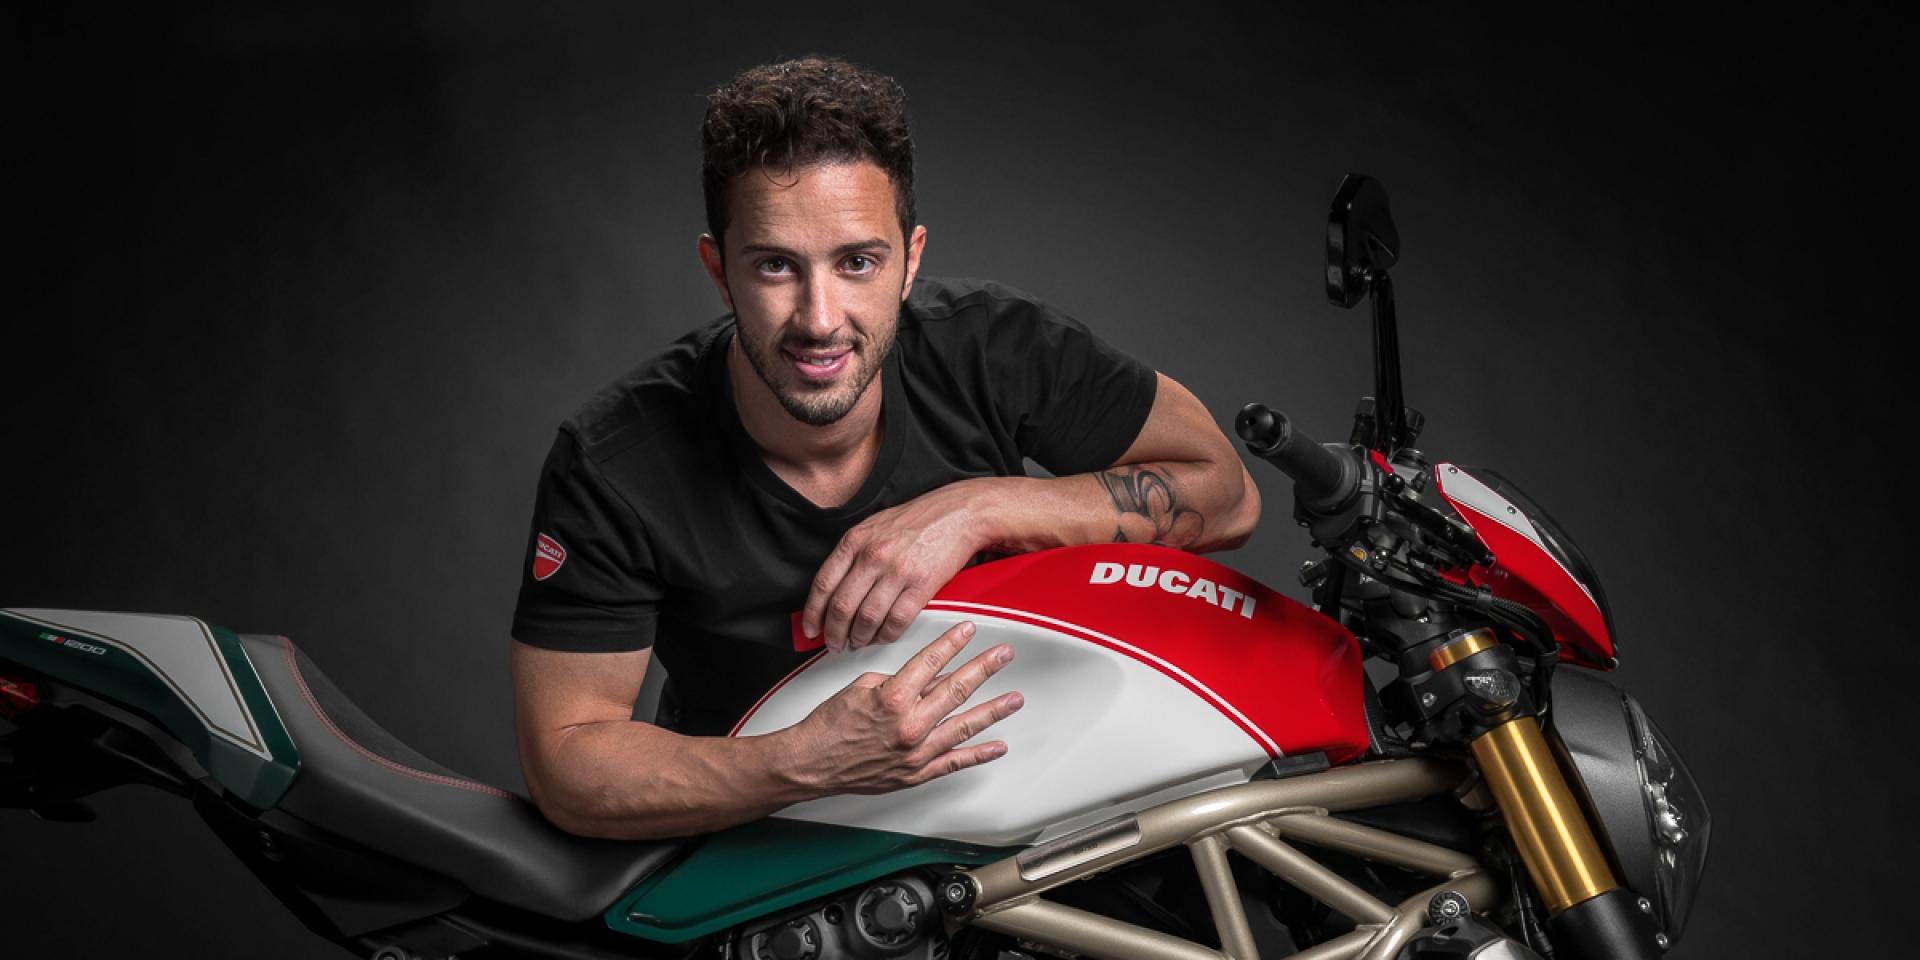 義式怪獸來襲。Ducati Monster 1200 25° Anniversario週年紀念款限量上市!